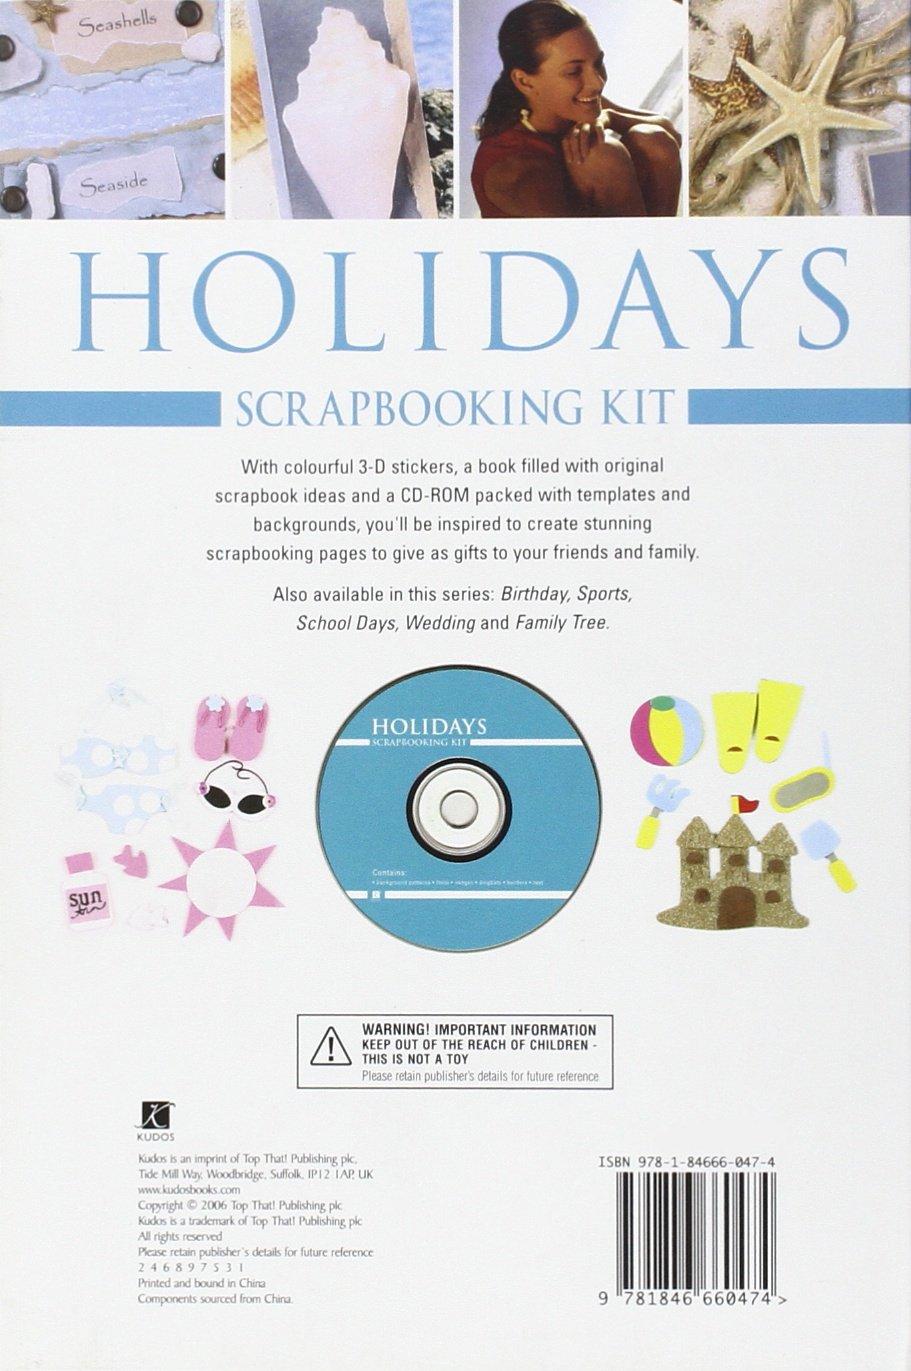 Scrapbook ideas china - Holidays Scrapbooking Kit Scrapbooking Kits Amazon Co Uk 9781846660474 Books